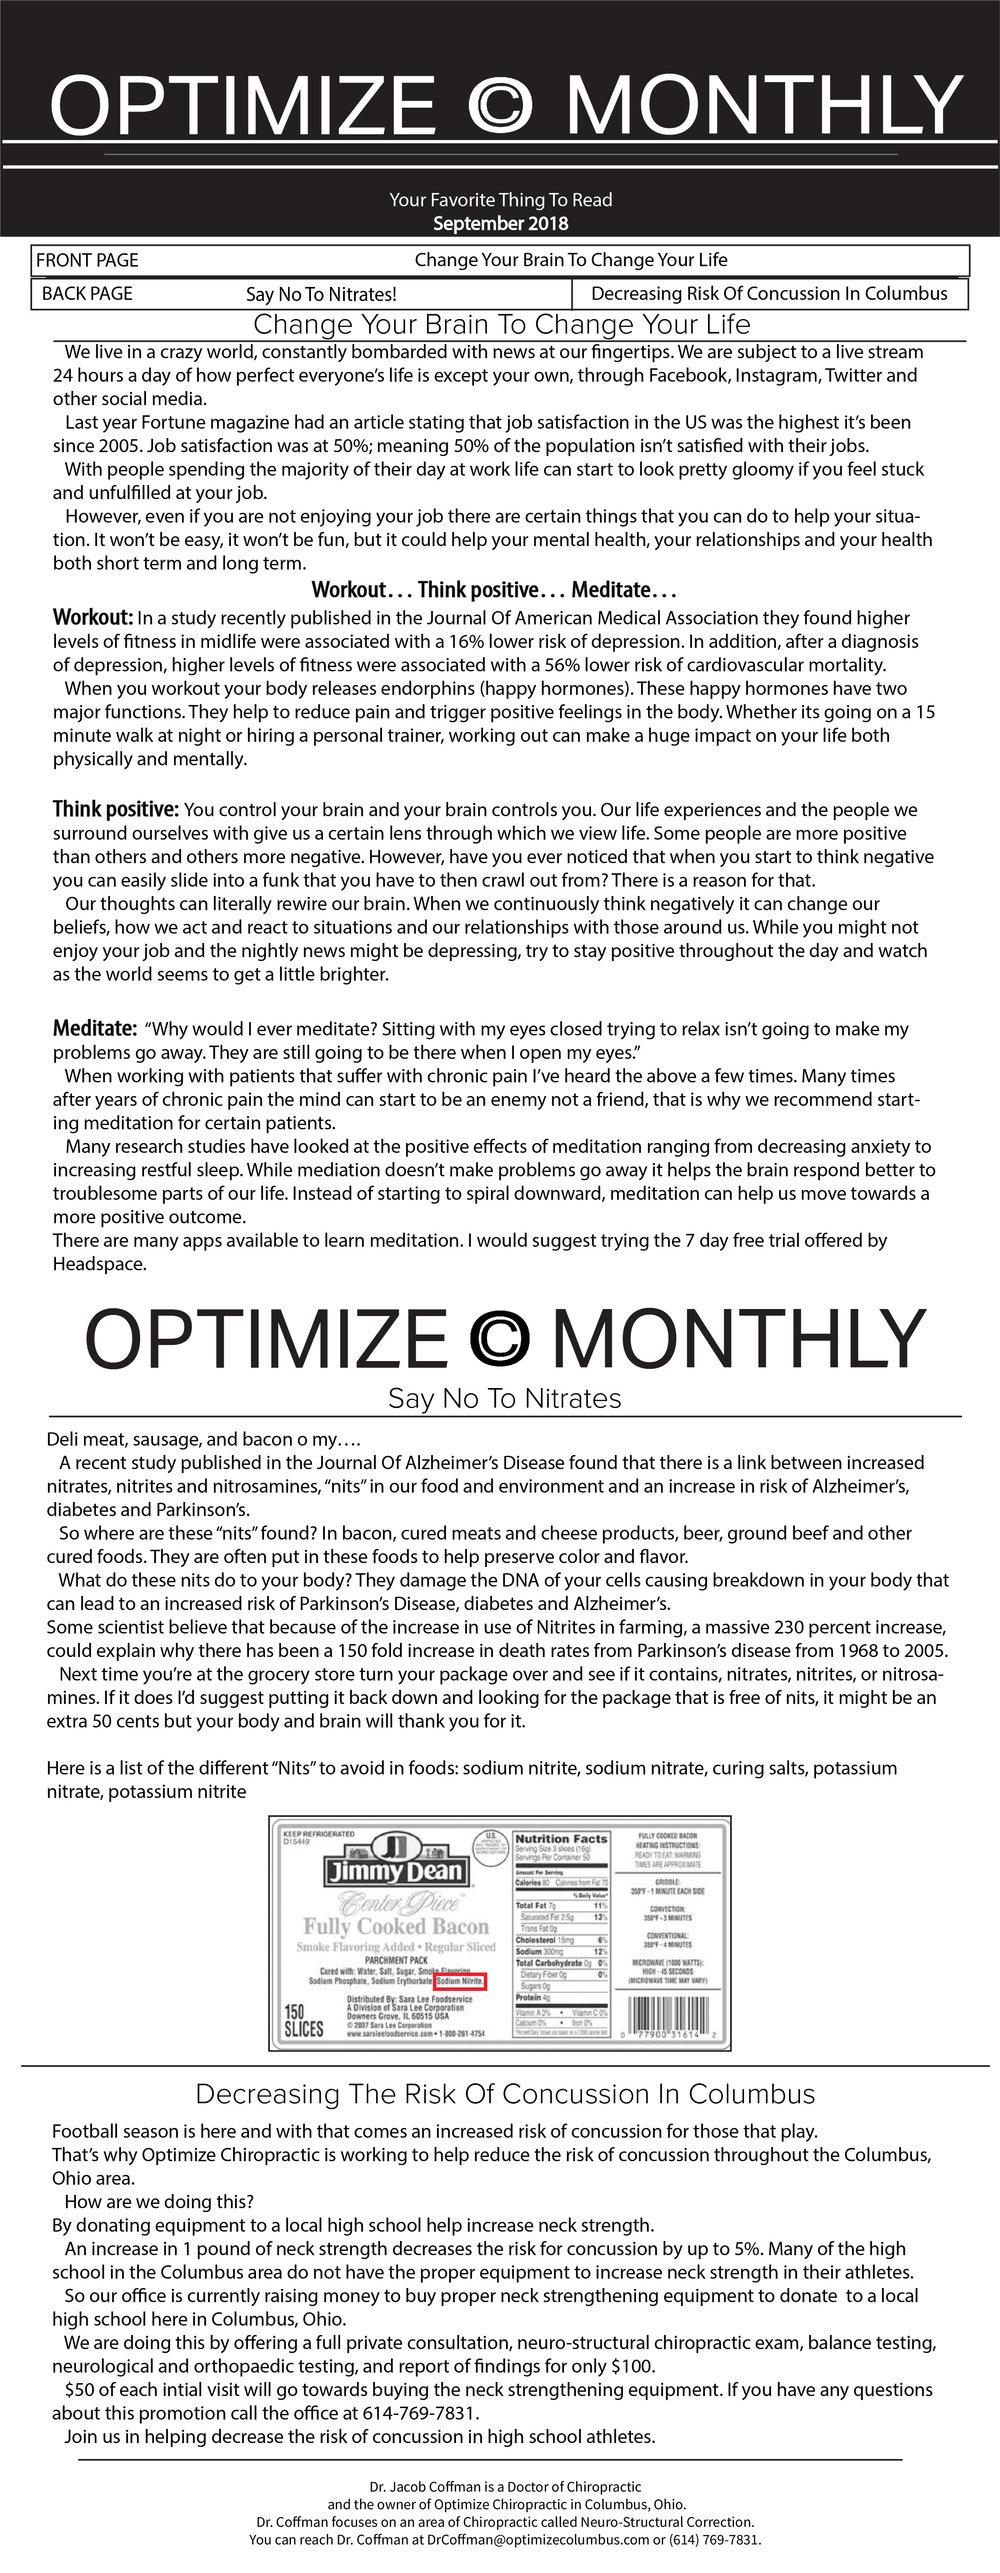 Optimize September .jpg